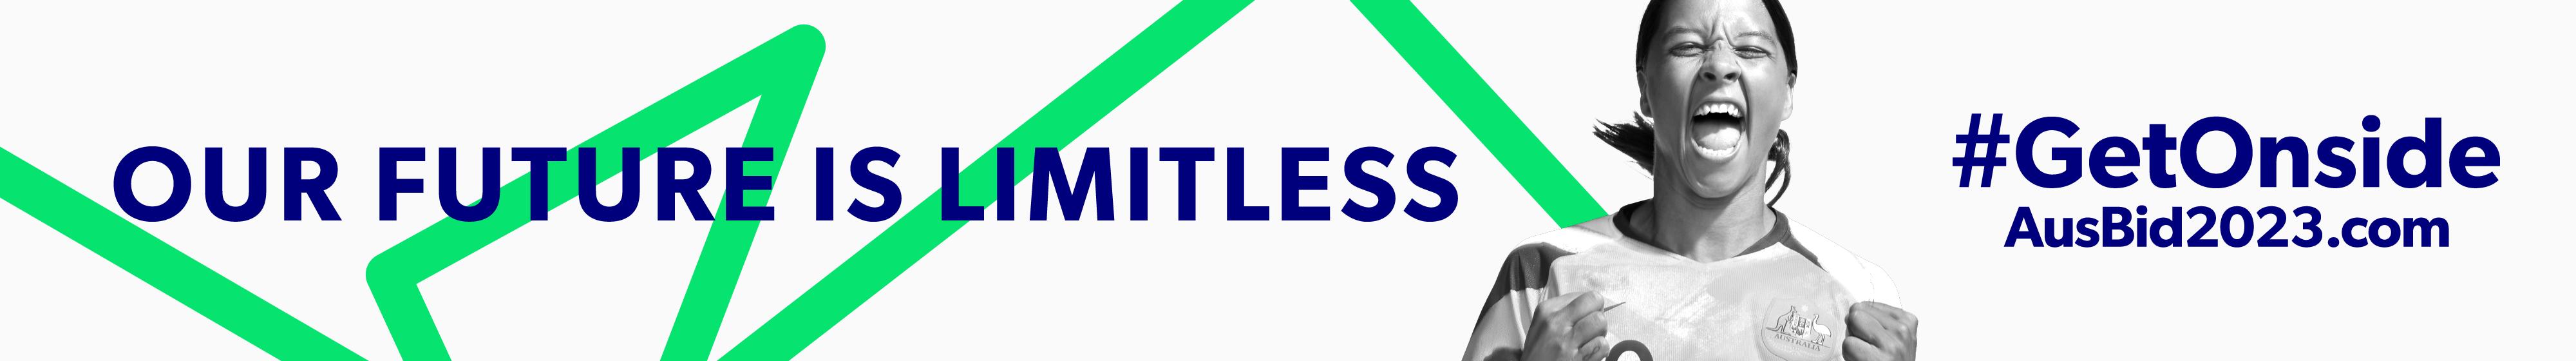 GetOnside AusBid2023 Limitless Banner